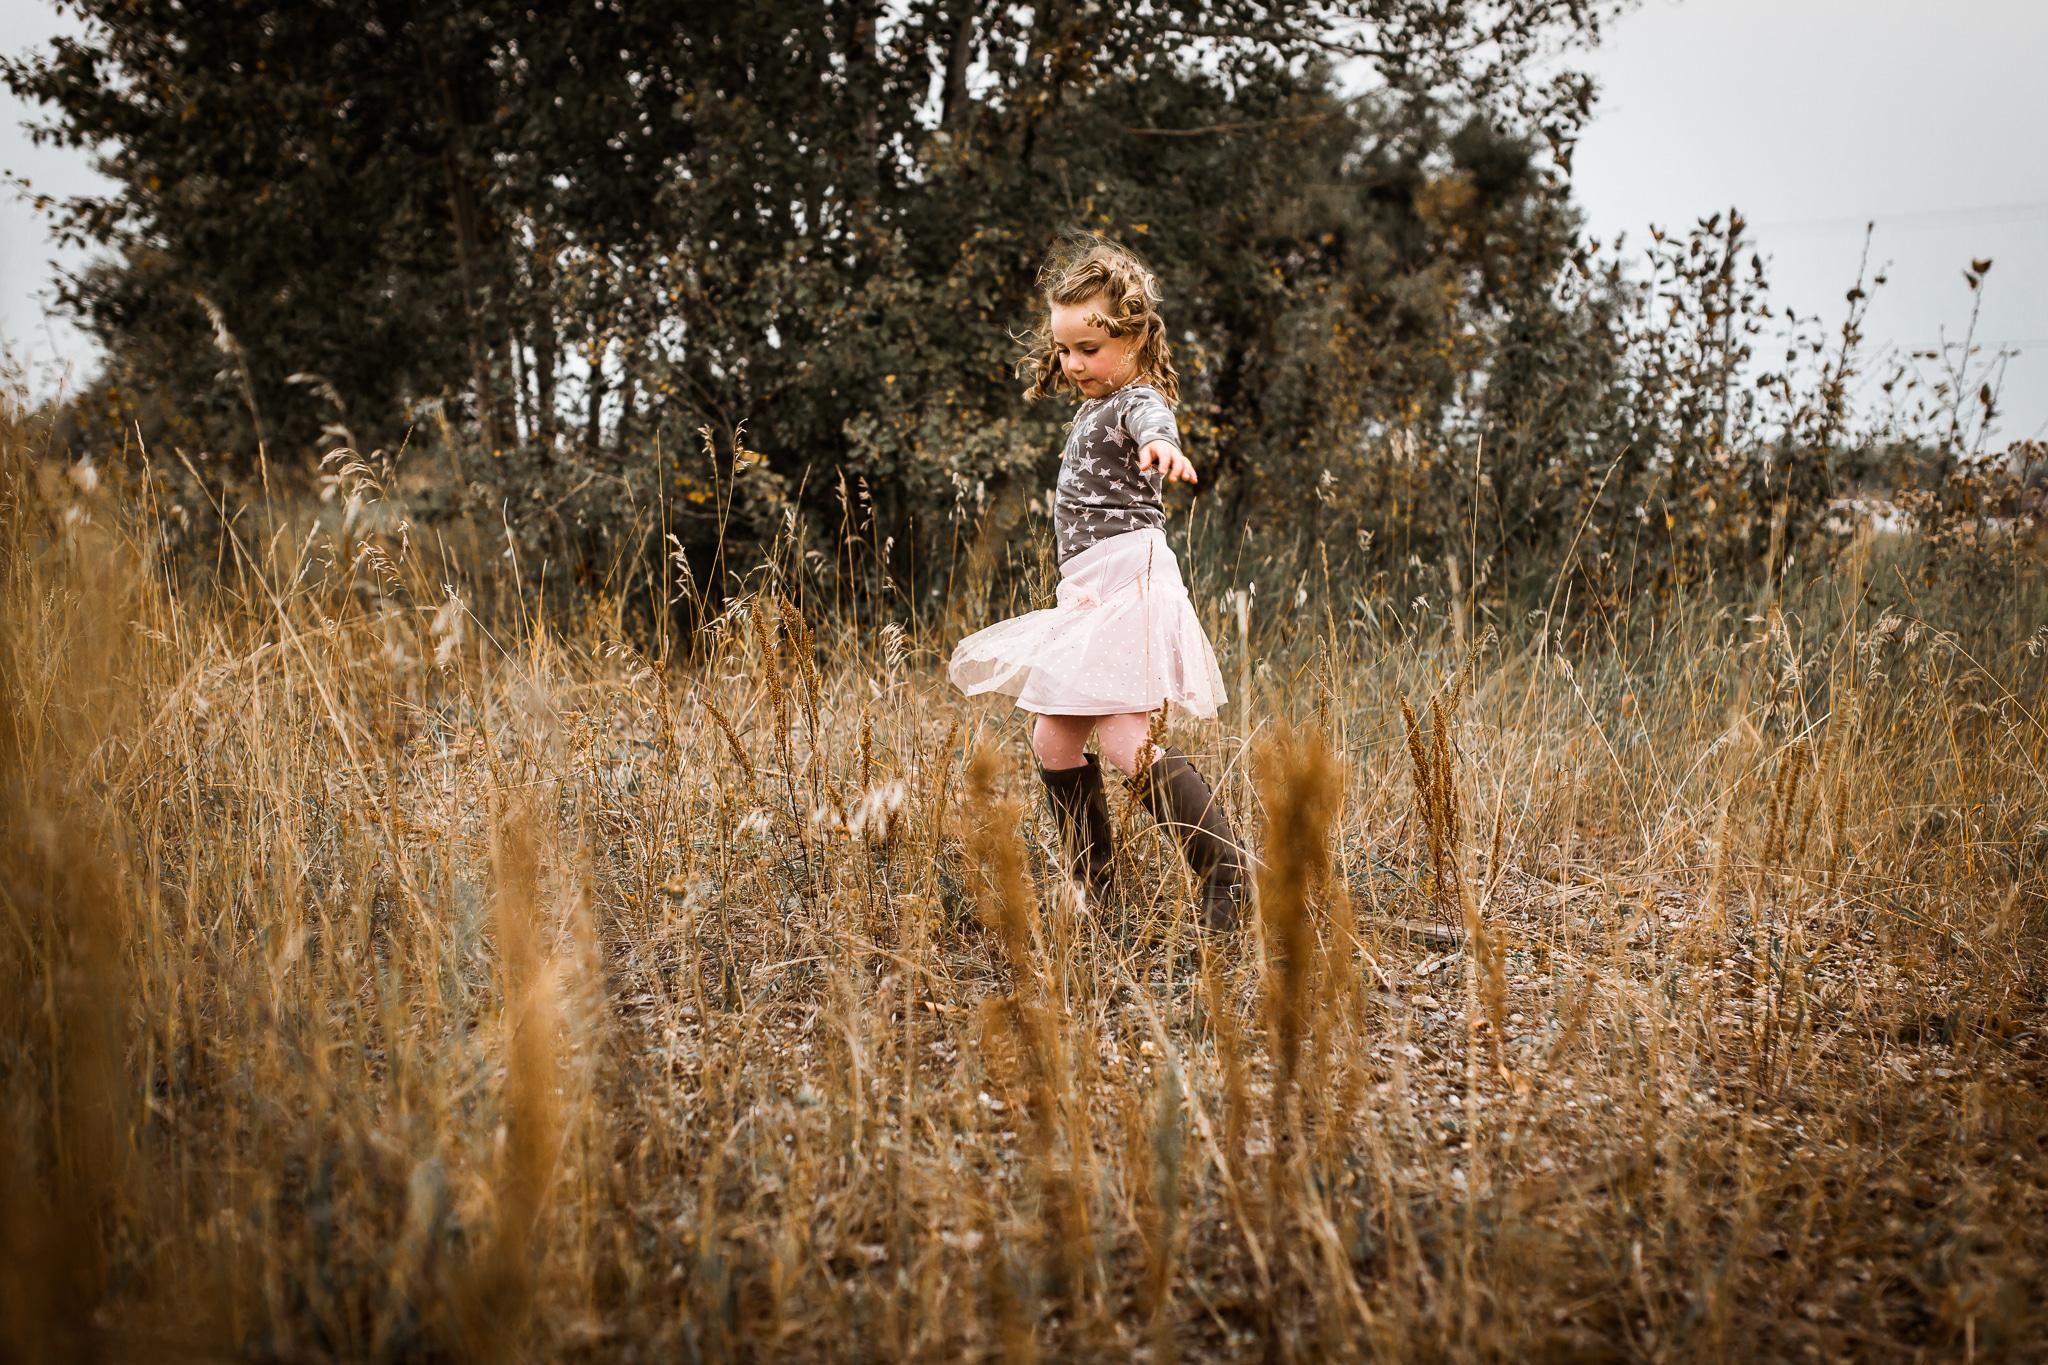 Alina-Joy-Photography-Cold-Lake-Lifestyle-Photographer-151.jpg